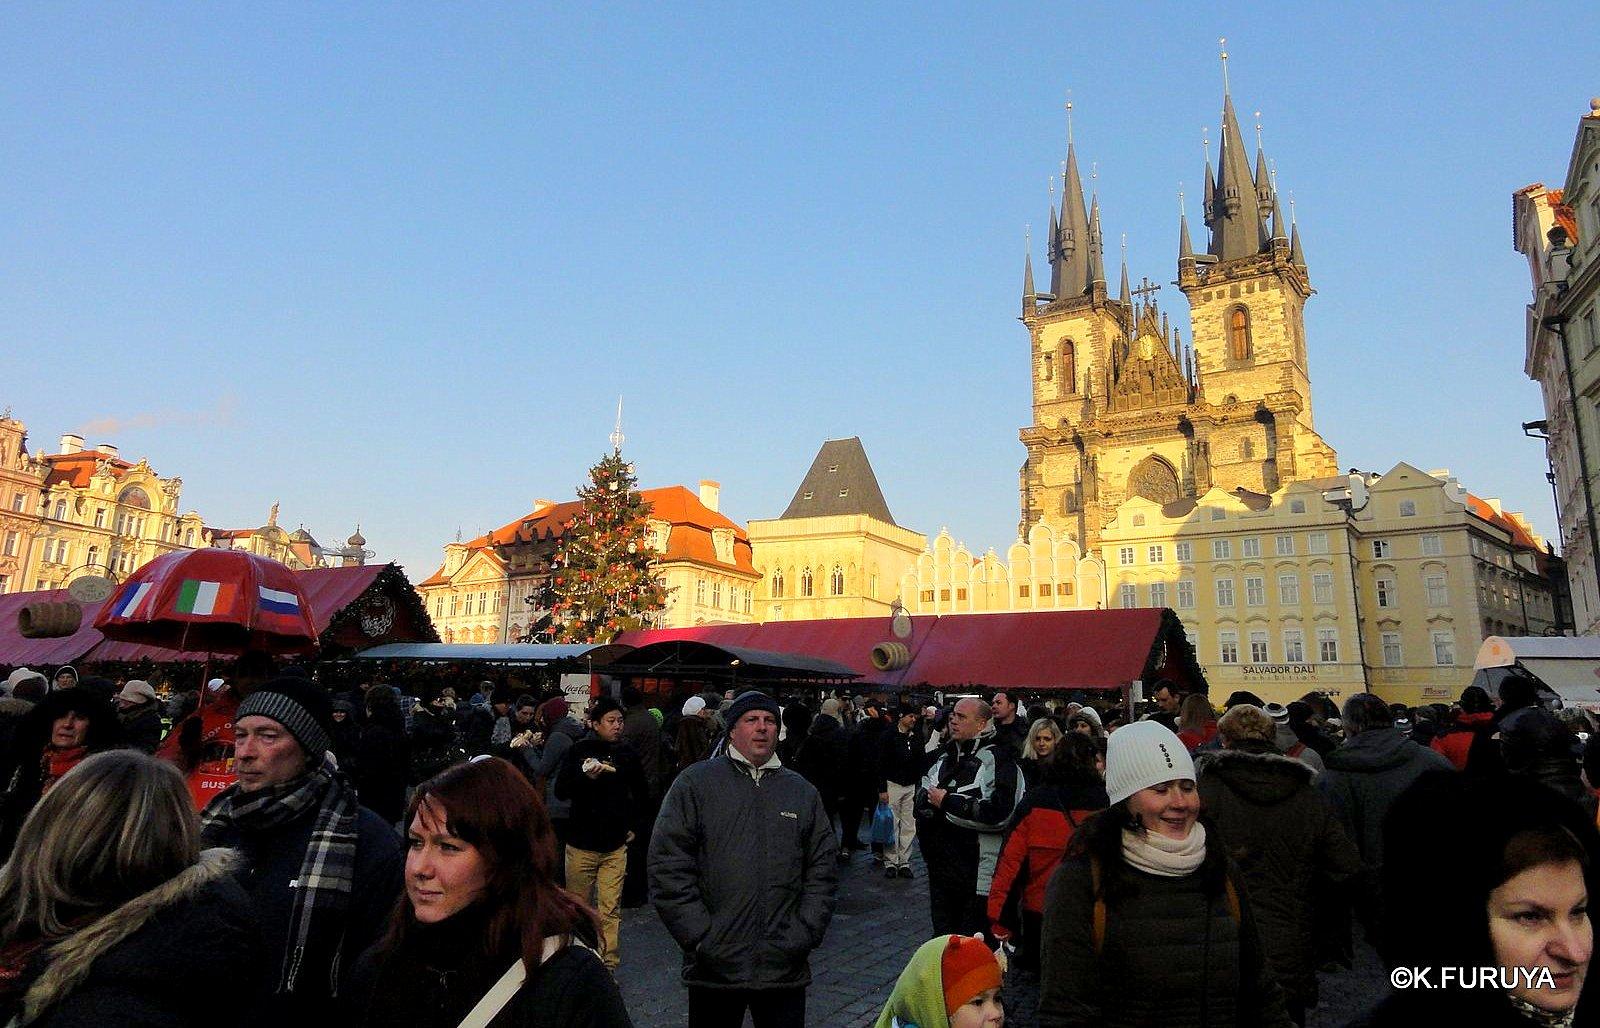 プラハ 14 旧市街広場のクリスマスマーケット_a0092659_2192117.jpg